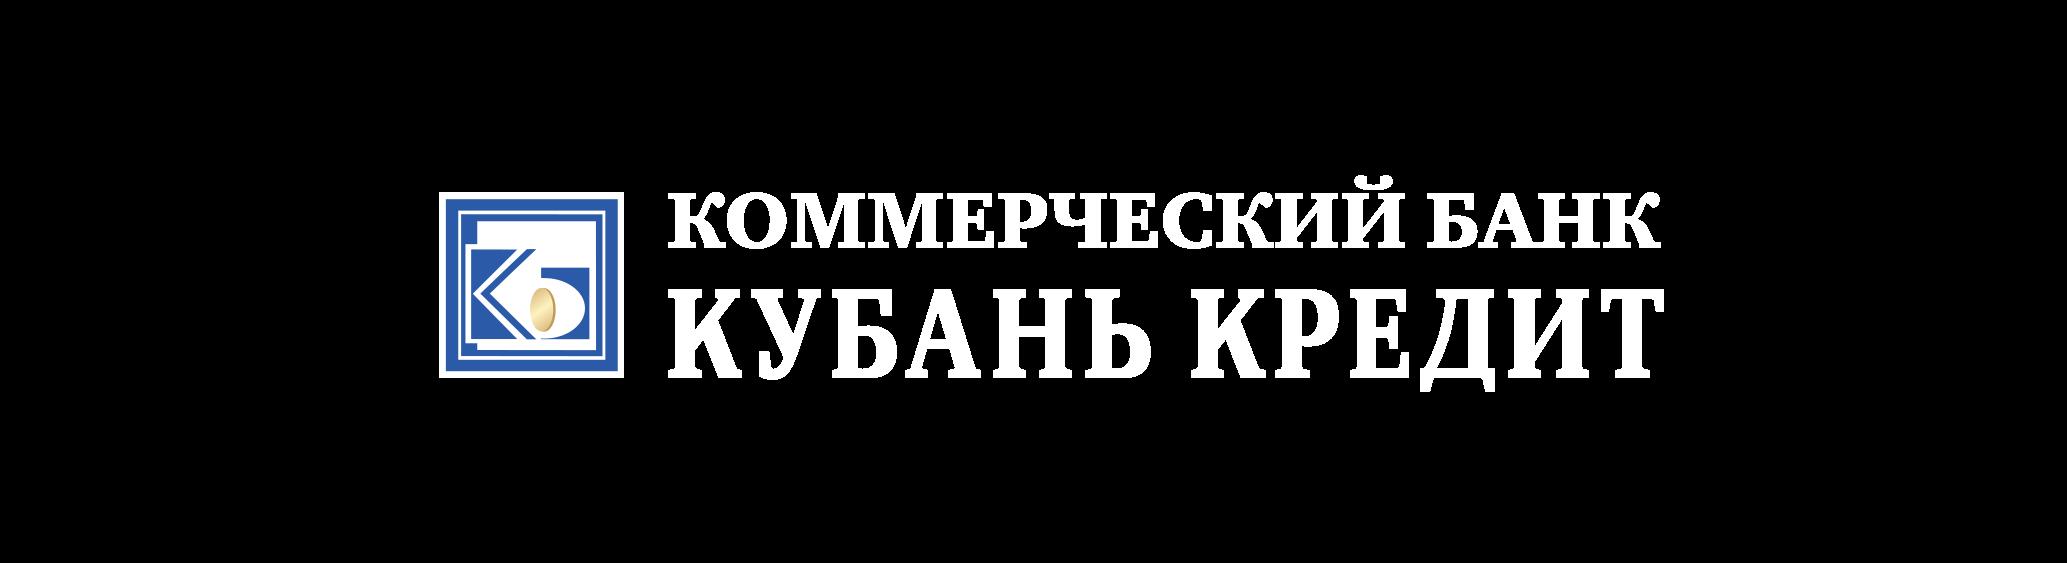 ВЕДУЩИЙ СПОНСОР МОТОЦИКЛЕТНОЙ ФЕДЕРАЦИИ КРАСНОДАРСКОГО КРАЯ - БАНК КУБАНЬ-КРЕДИТ